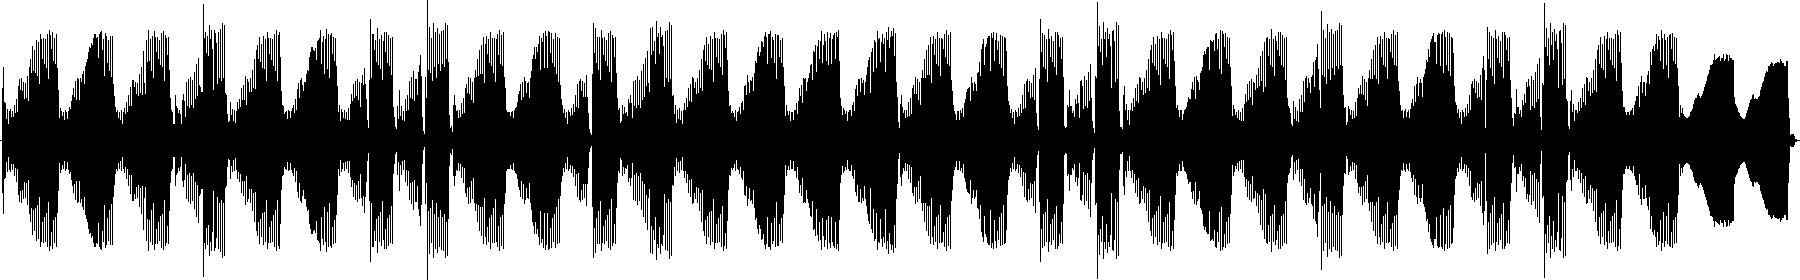 sneeze bass 128